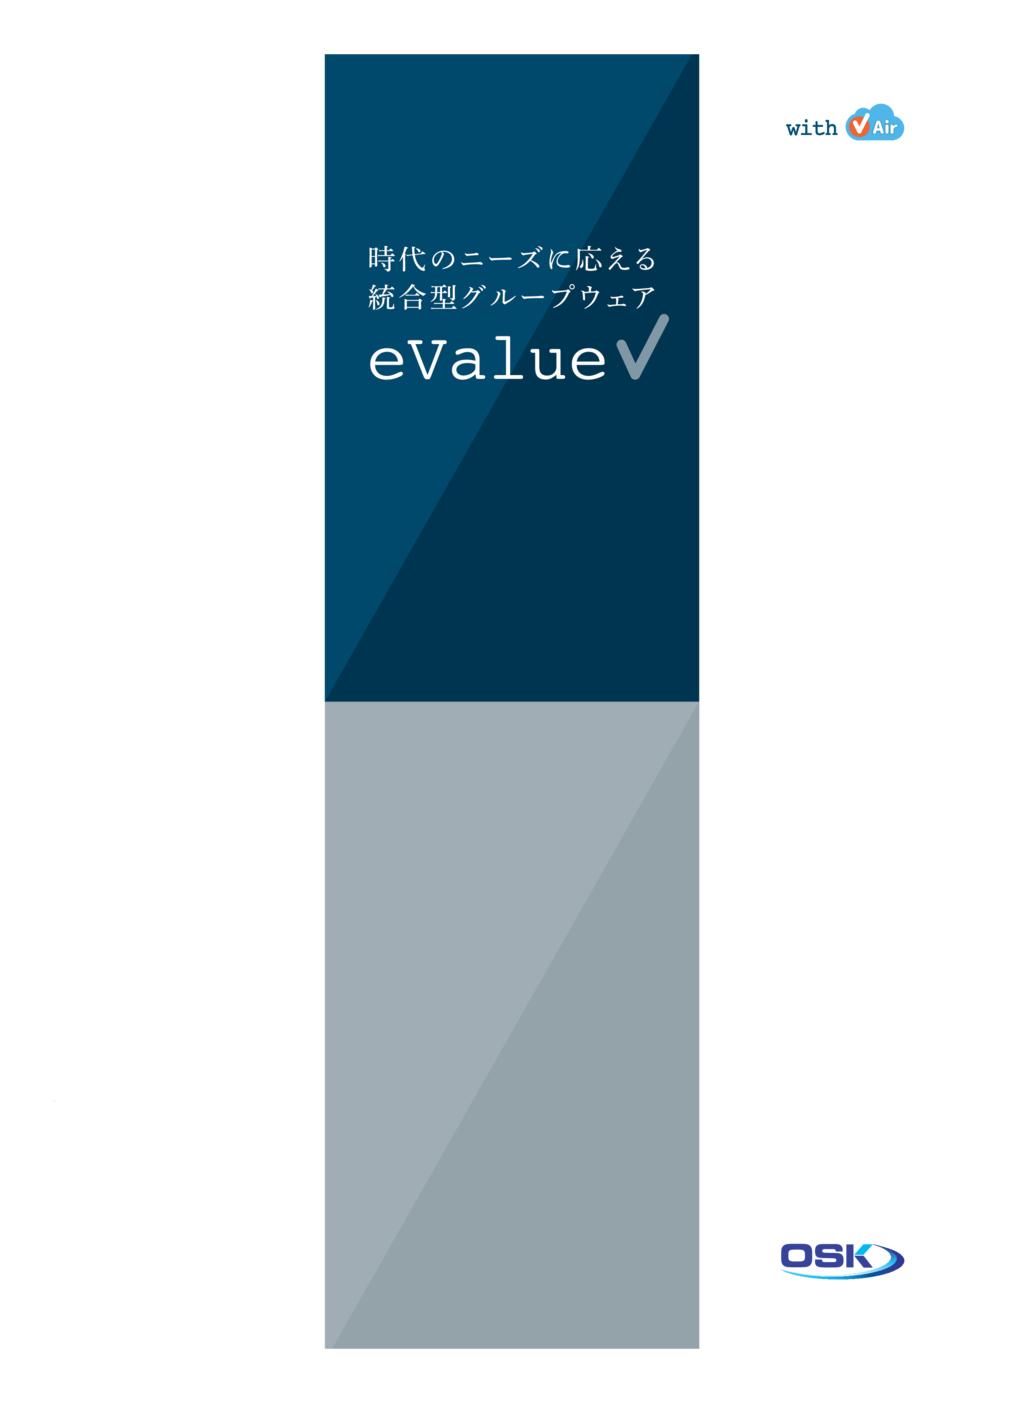 eValue V Airの資料